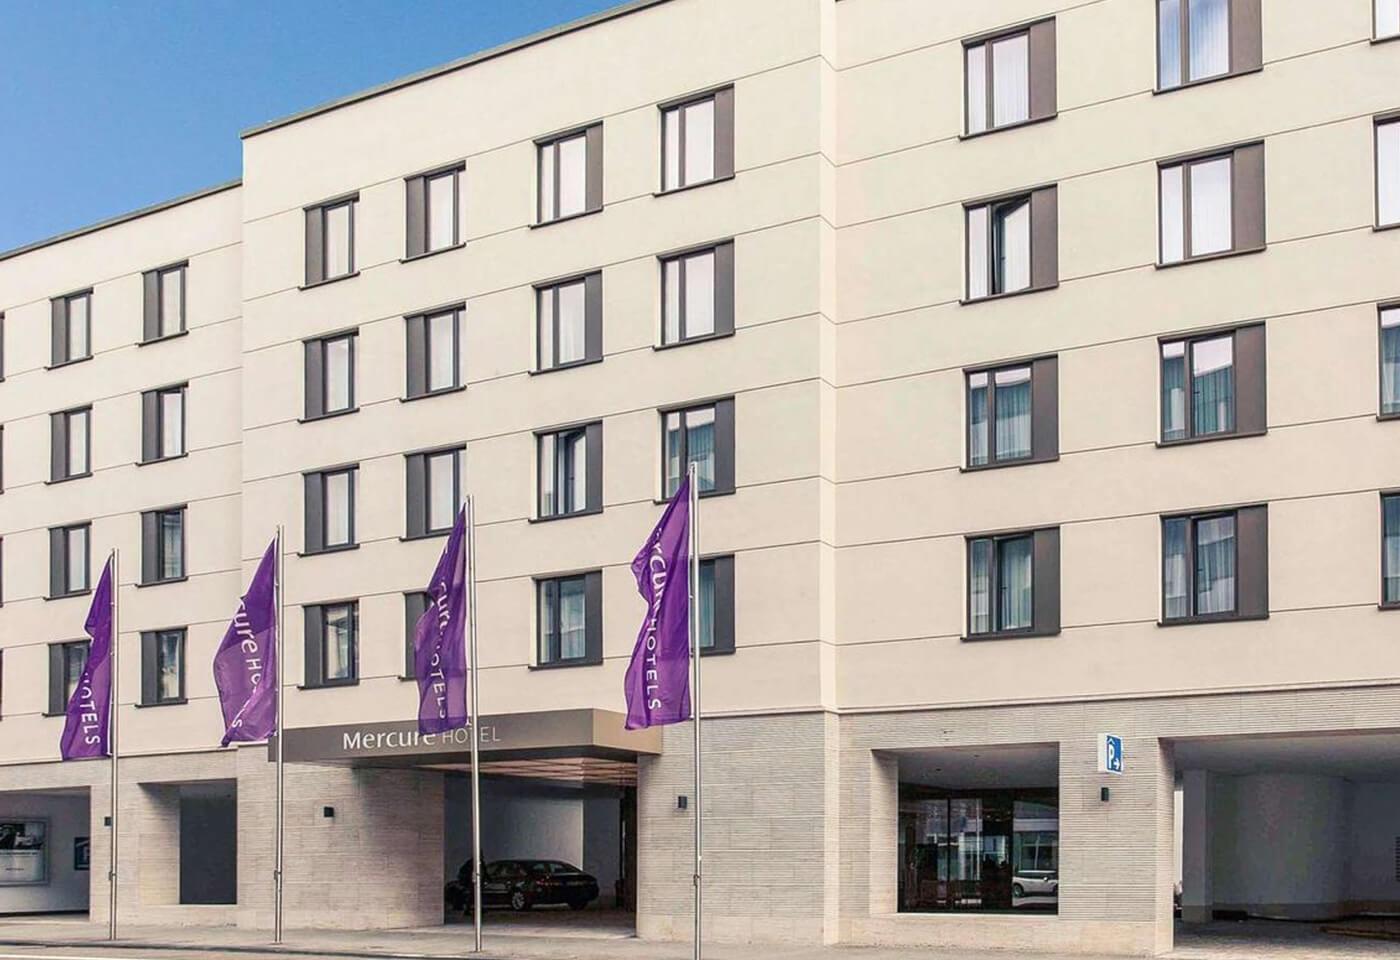 メルキュール ホテル ヴィースバーデン シティ